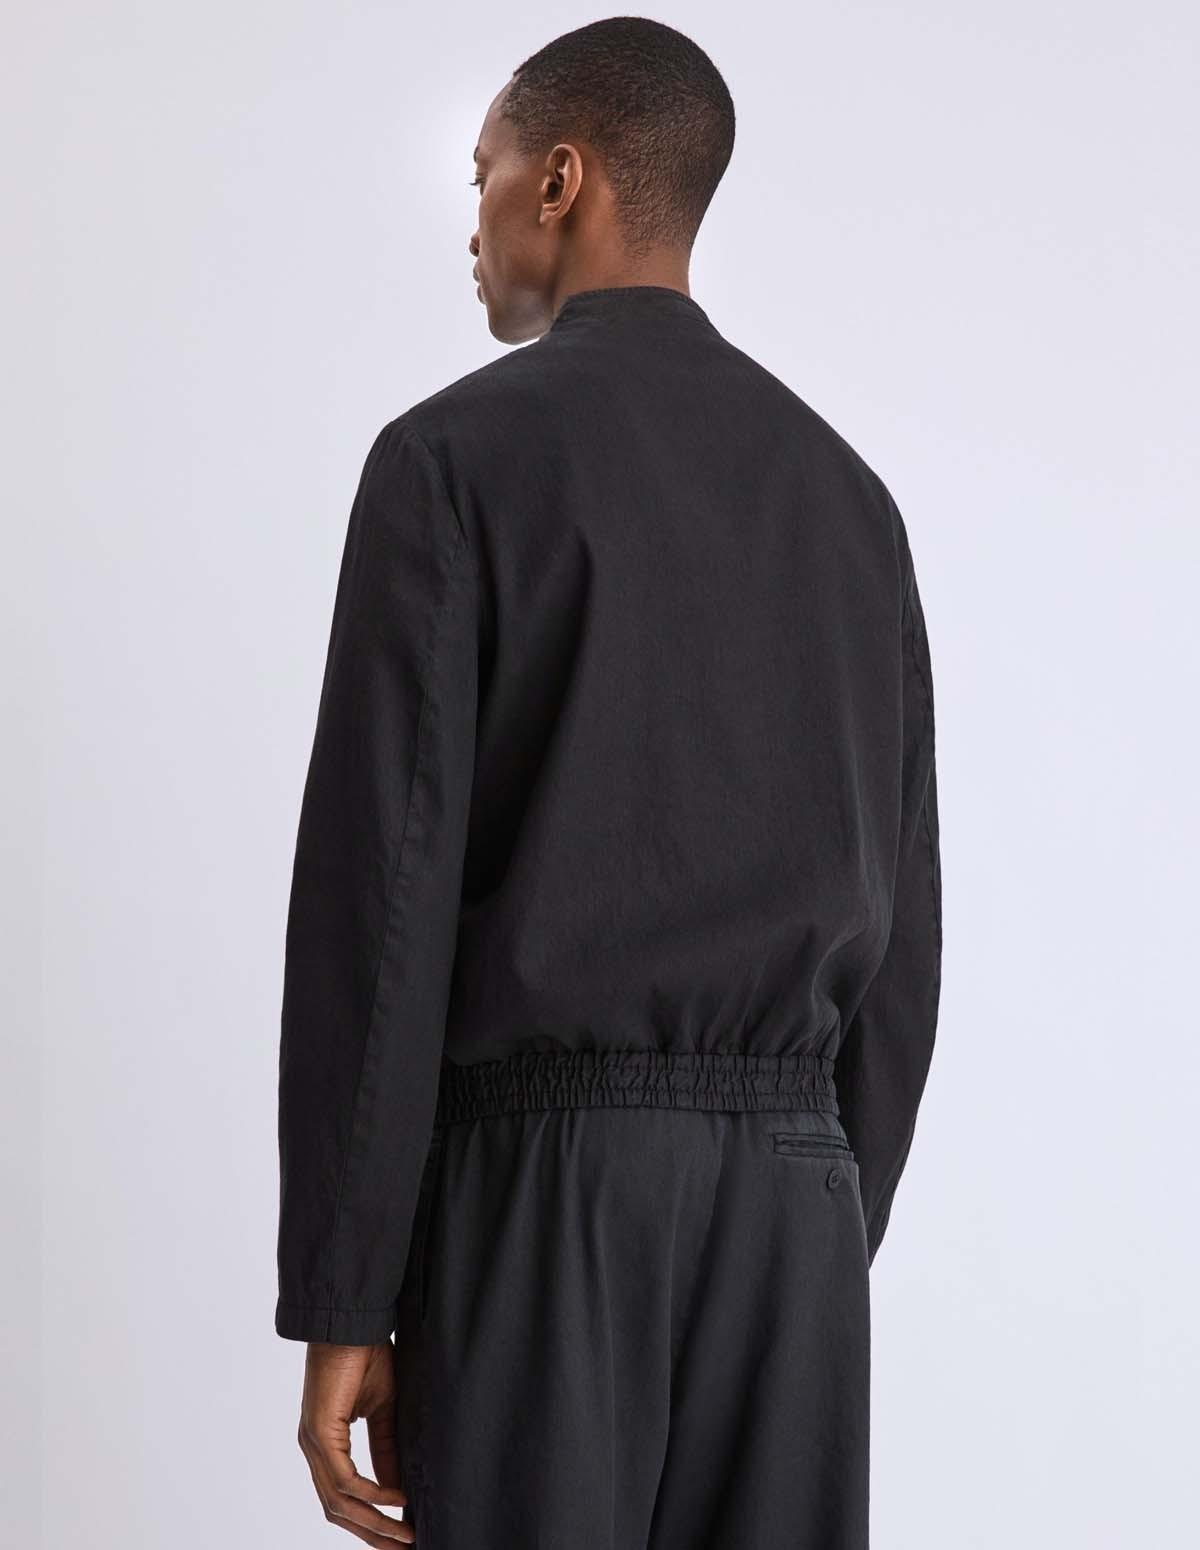 Fk M Kiruna Jacket